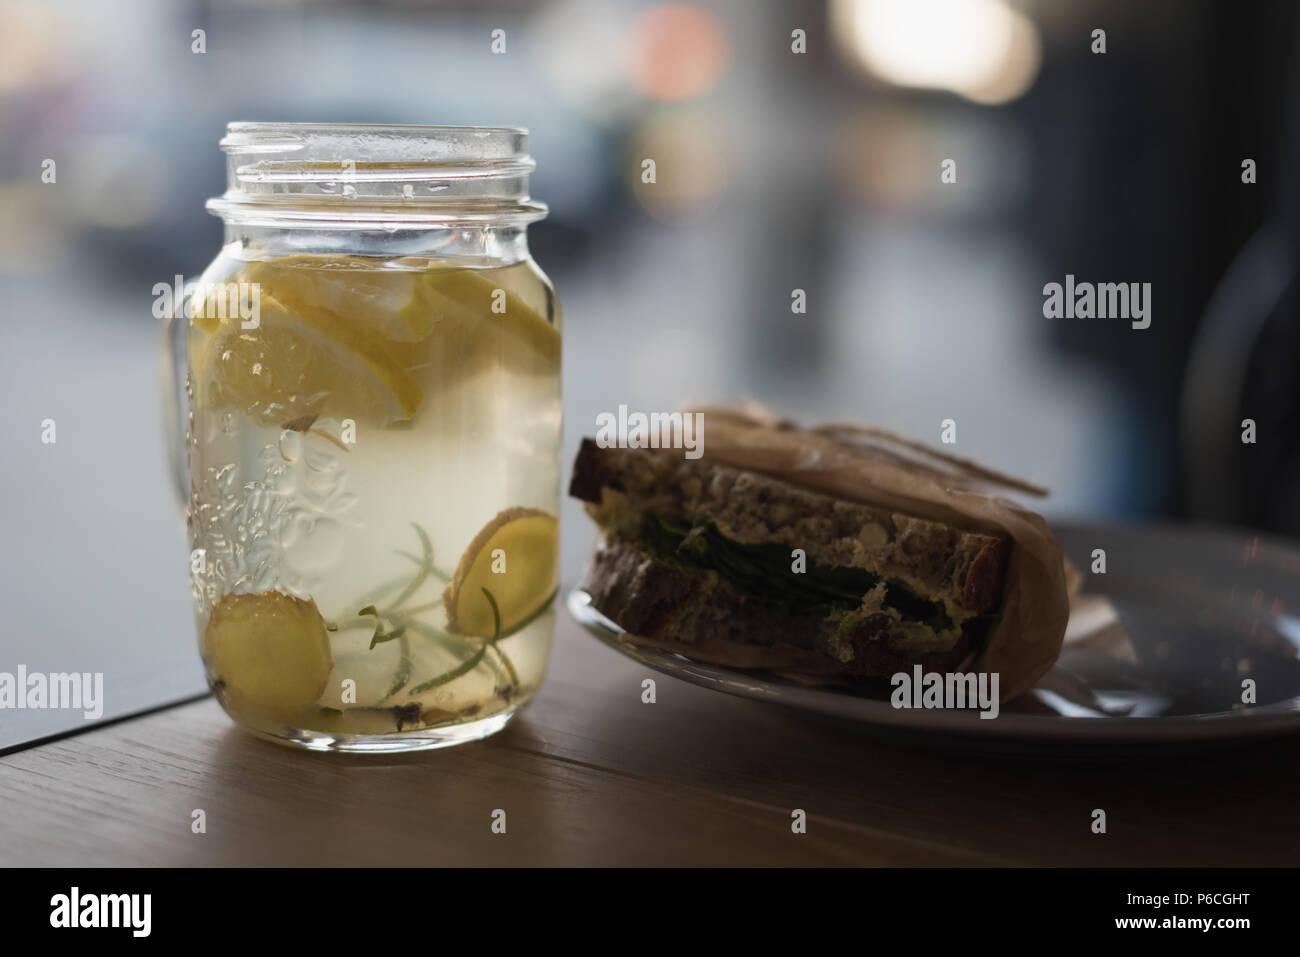 Pot de thé au citron avec wrap food on plate Banque D'Images